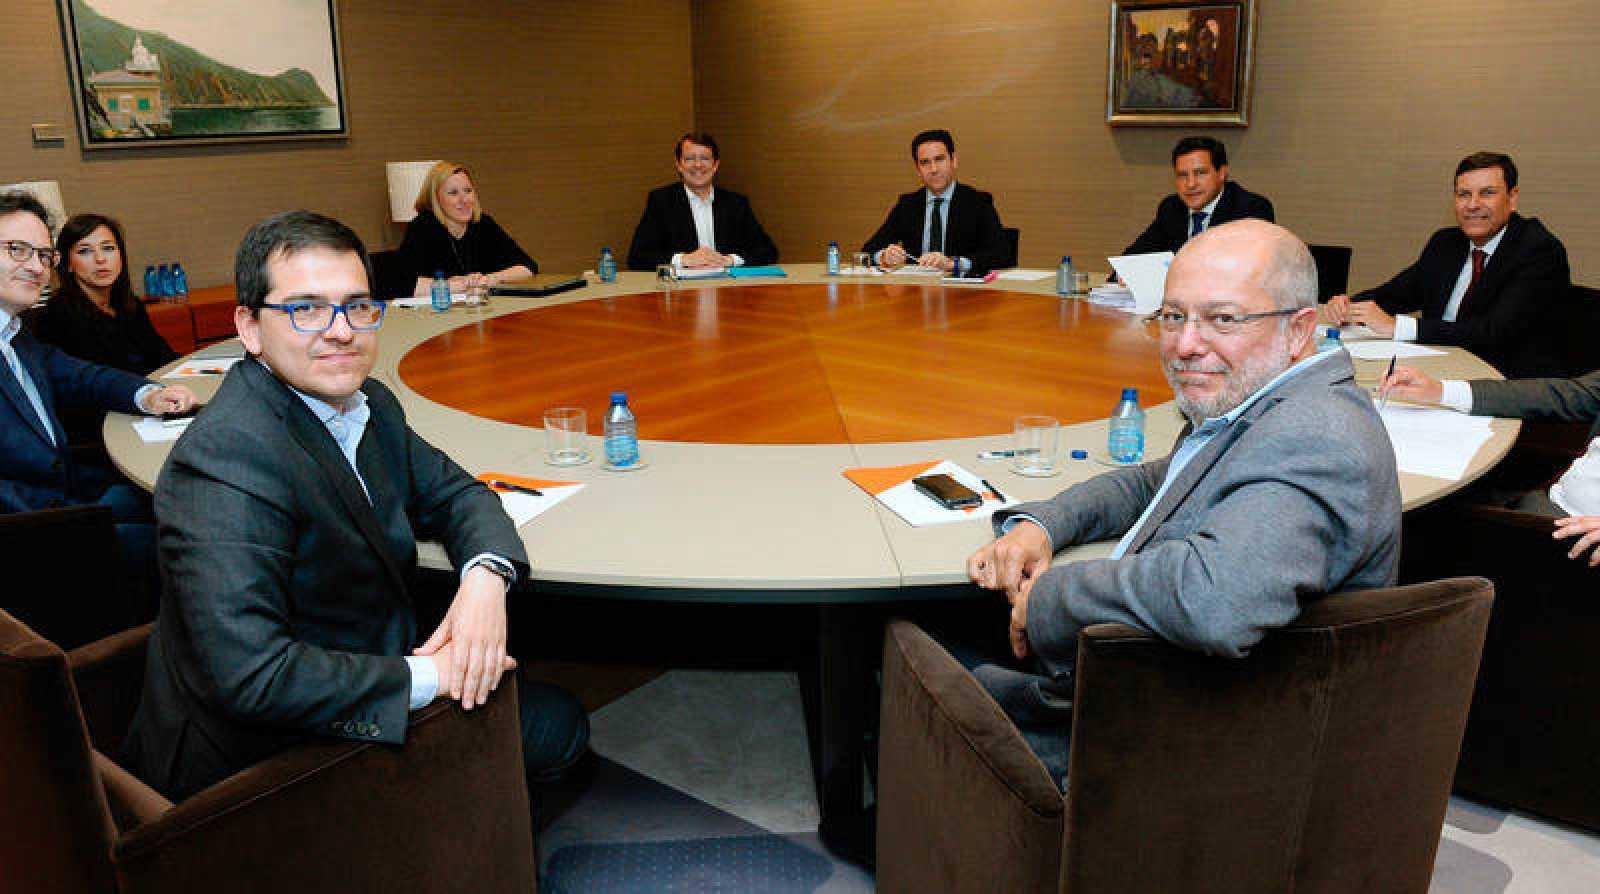 El candidato del PP a la presidencia de la Junta, Alfonso Fernández Mañueco junto al candidato de Ciudadanos a la presidencia de la Junta, Francisco Igea durante la primera reunión formal sobre la gobernabilidad de Castilla y León